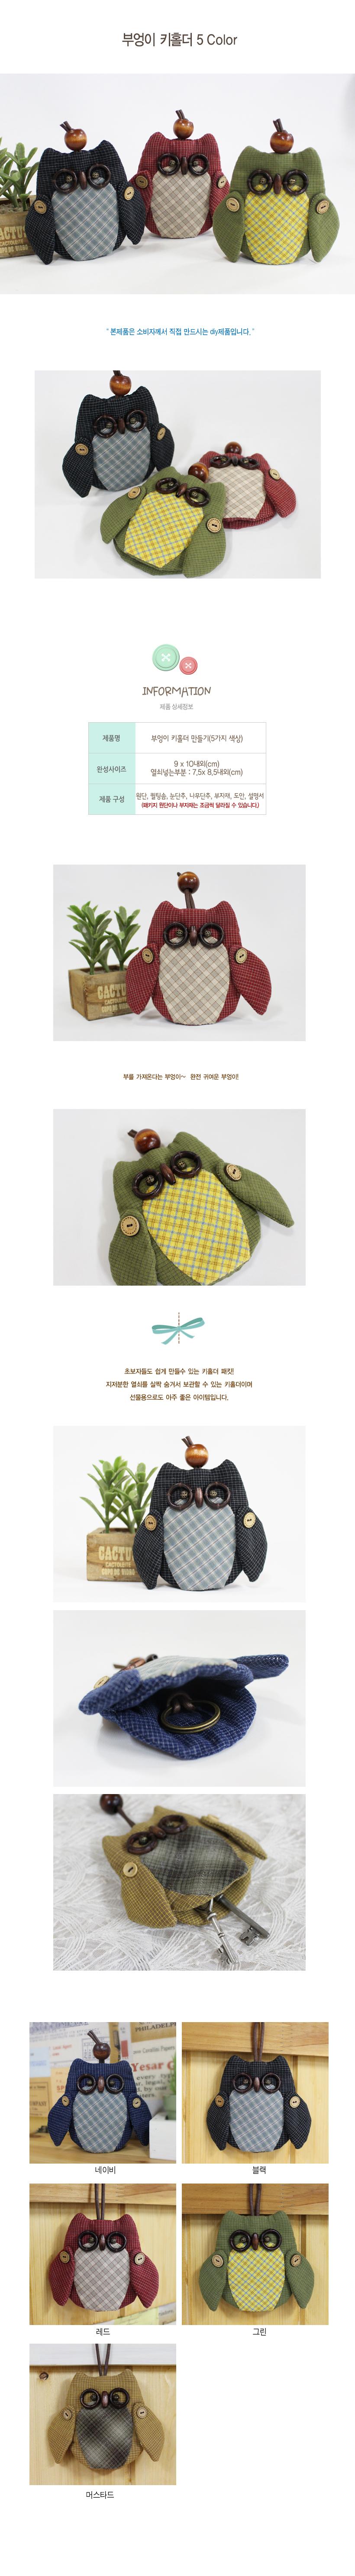 (DIY)귀요미 부엉이 키홀더 만들기(5color)10,800원-러브컨츄리키덜트/취미, 핸드메이드/DIY, 퀼트/원단공예, 열쇠고리/소품 패키지바보사랑(DIY)귀요미 부엉이 키홀더 만들기(5color)10,800원-러브컨츄리키덜트/취미, 핸드메이드/DIY, 퀼트/원단공예, 열쇠고리/소품 패키지바보사랑